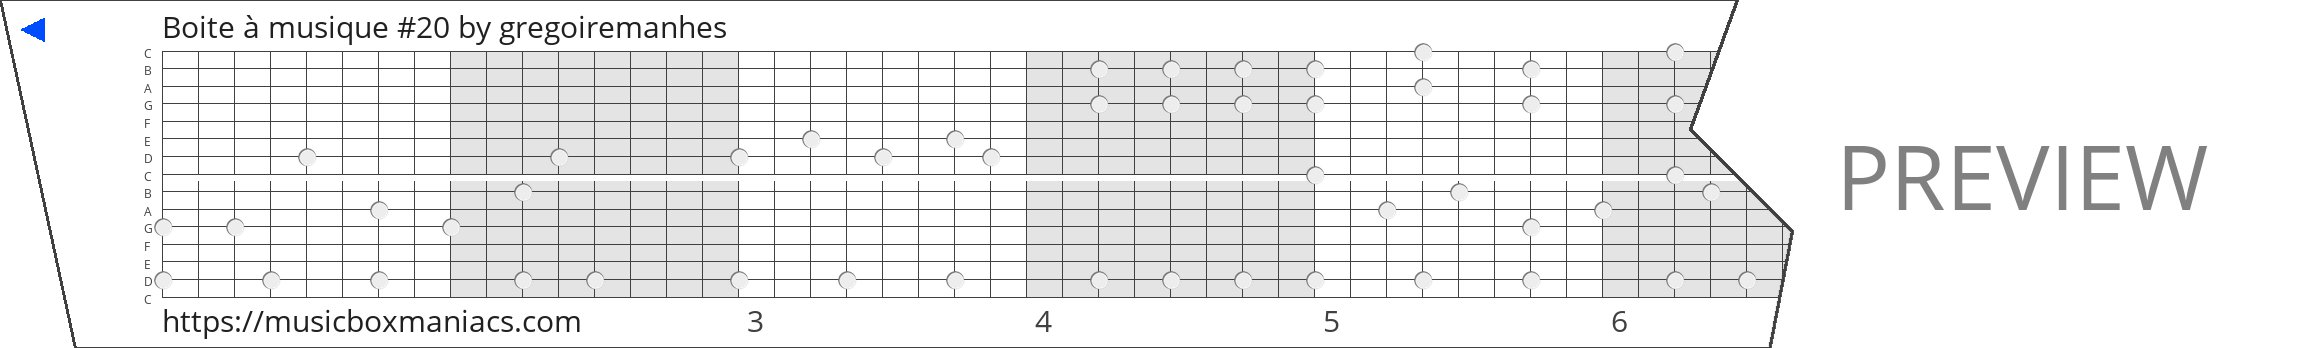 Boite à musique #20 15 note music box paper strip